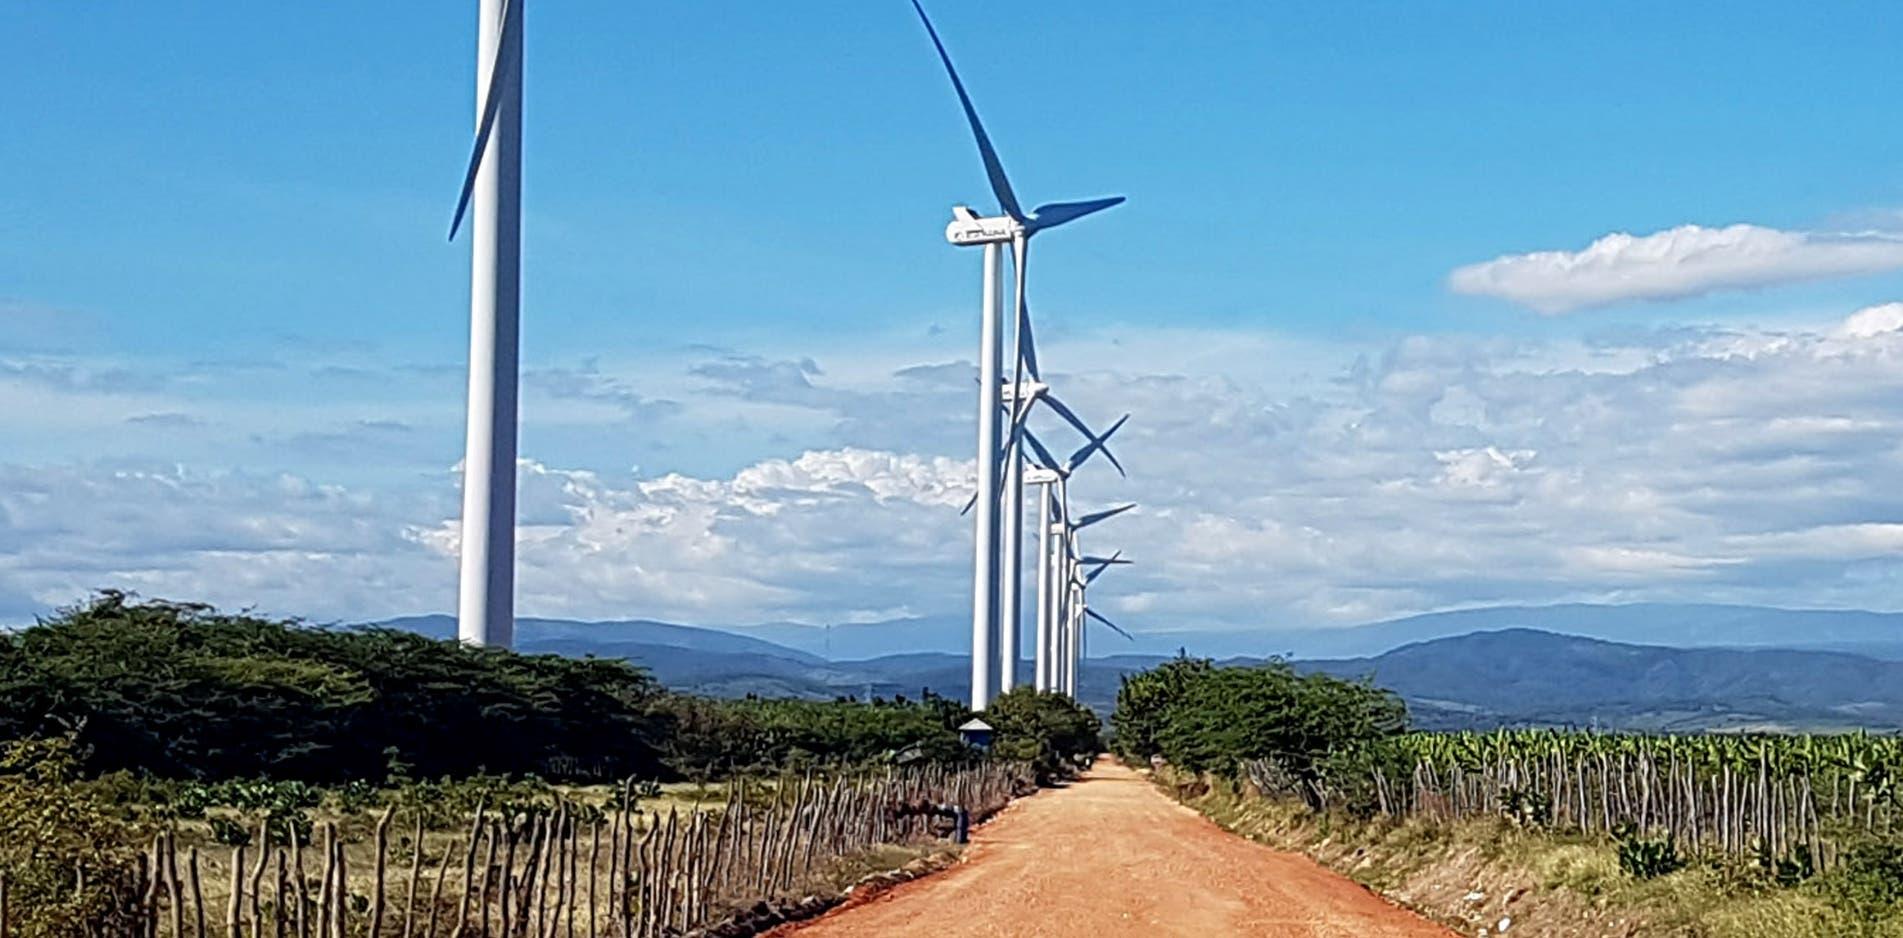 Proyectos de energía renovable aportarán al país 467 kilovatios adicionales a final del 2019